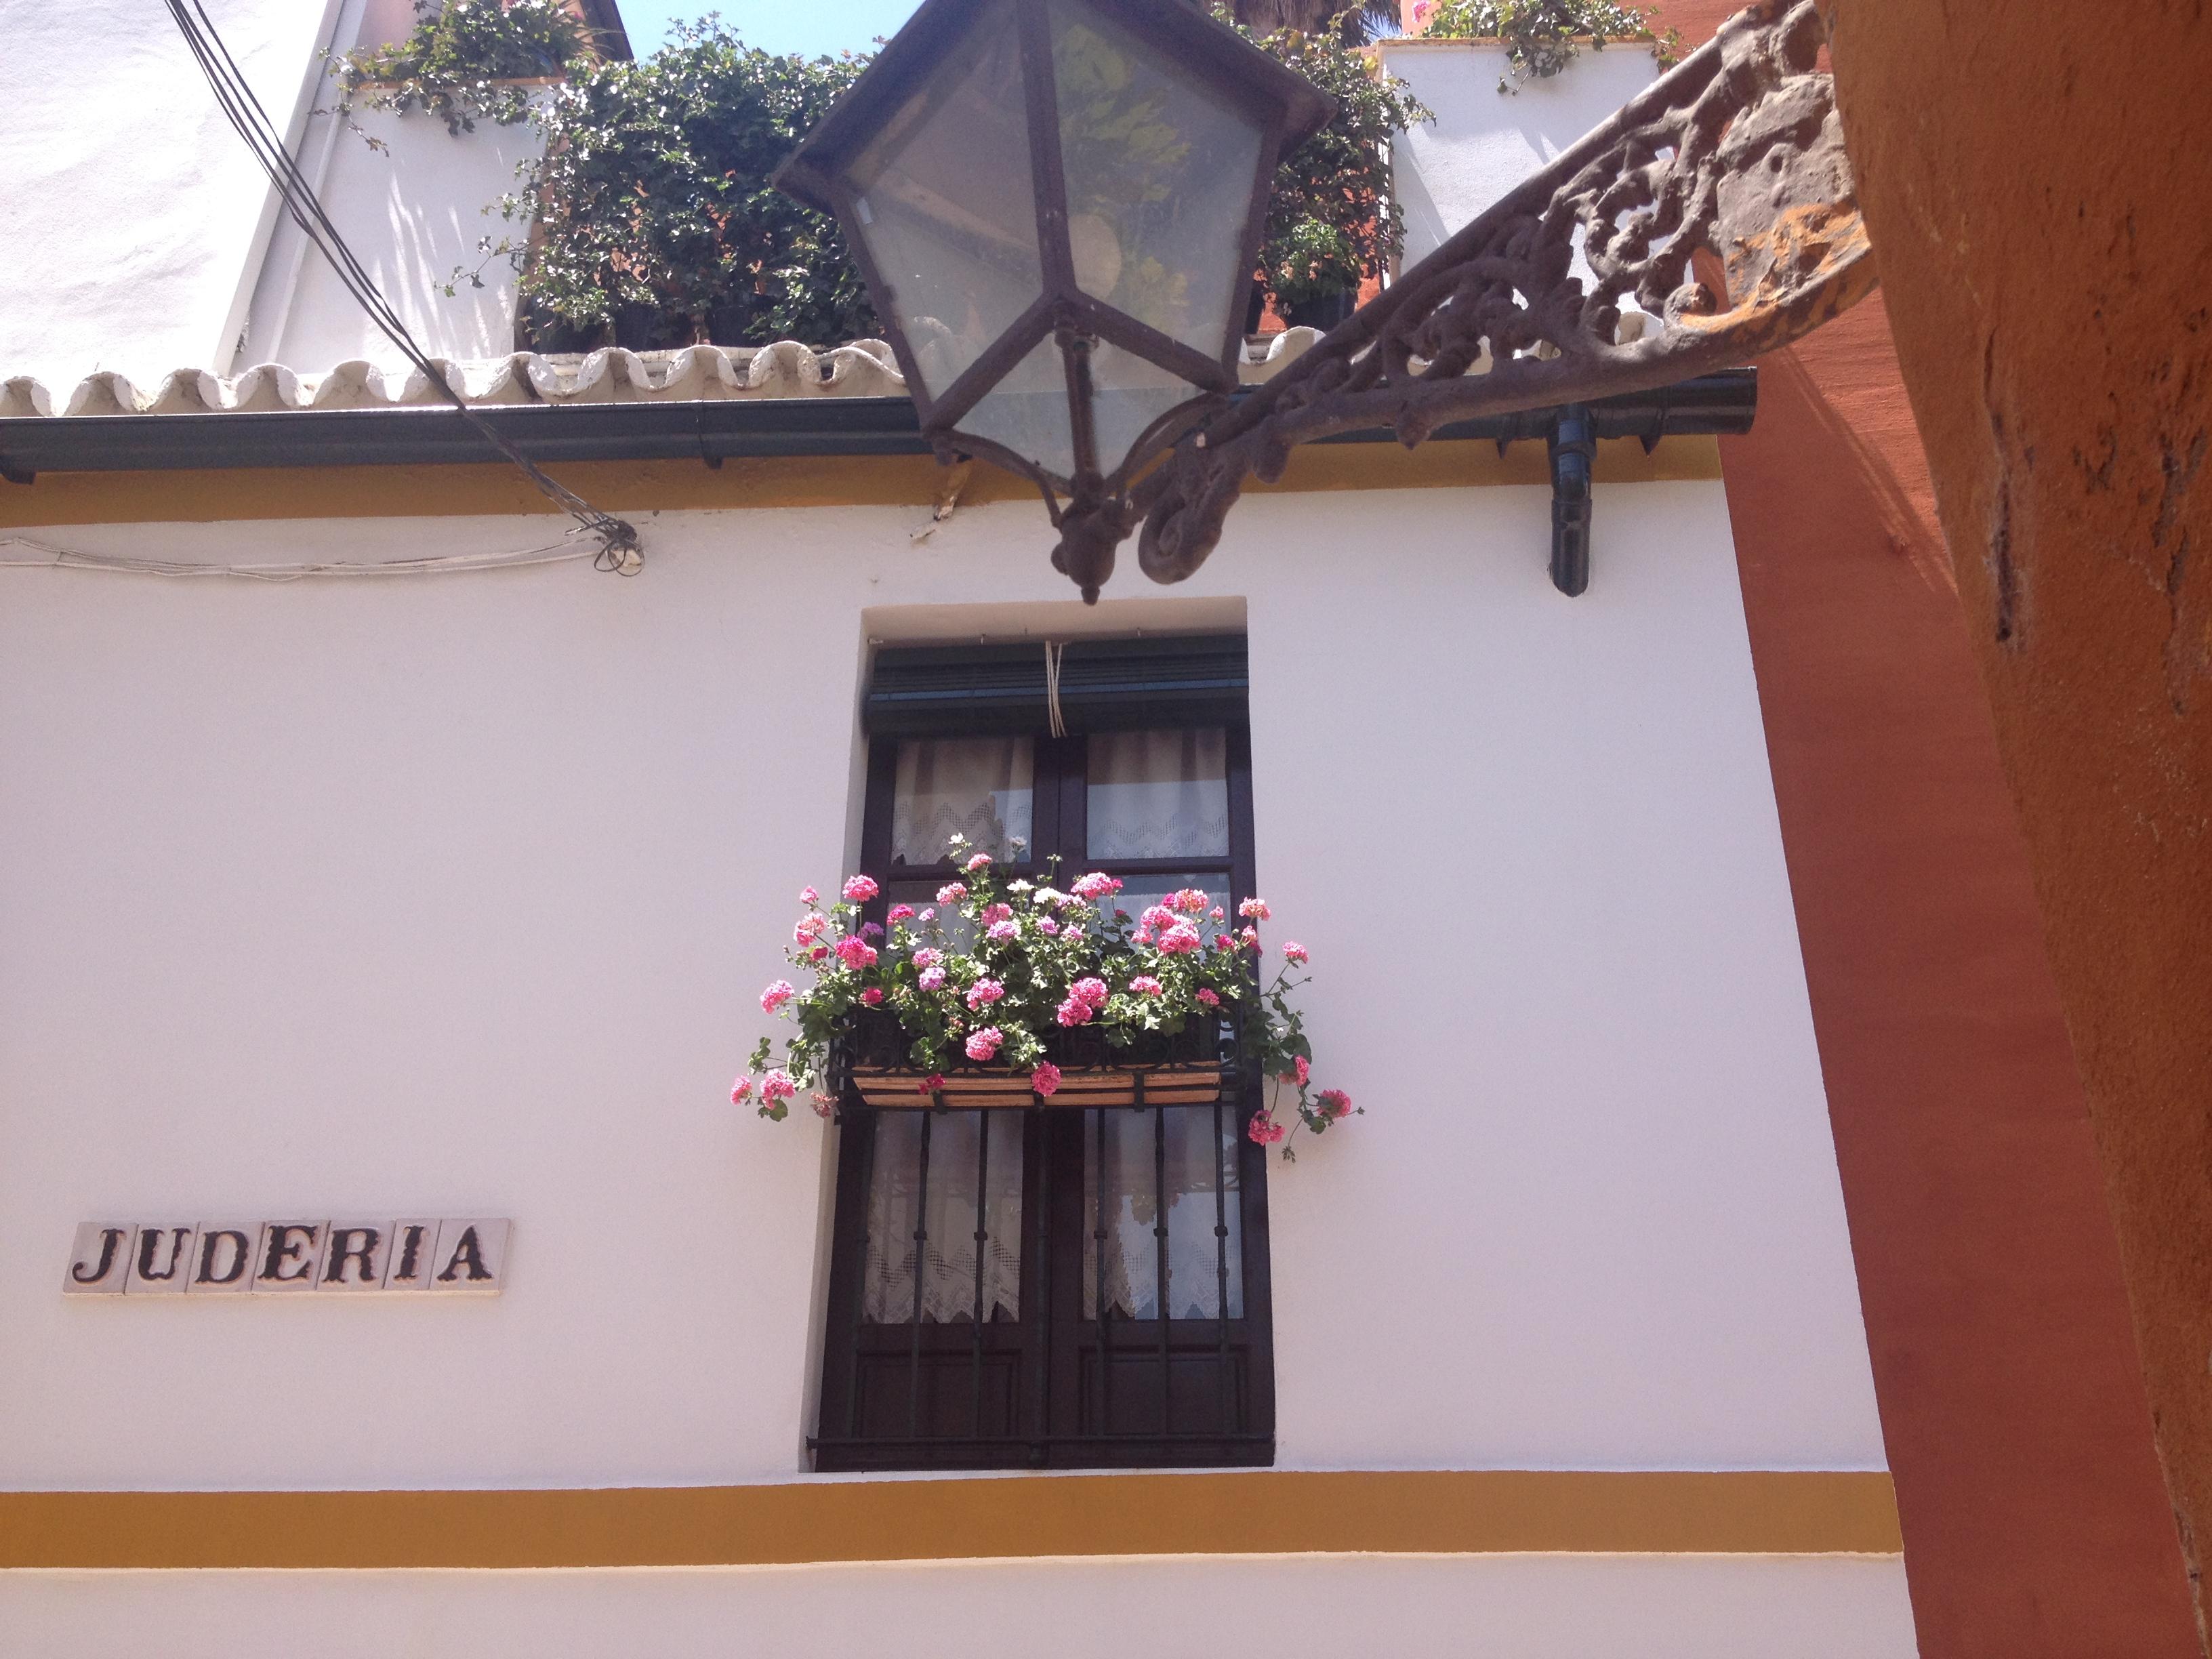 Juderia, Siviglia